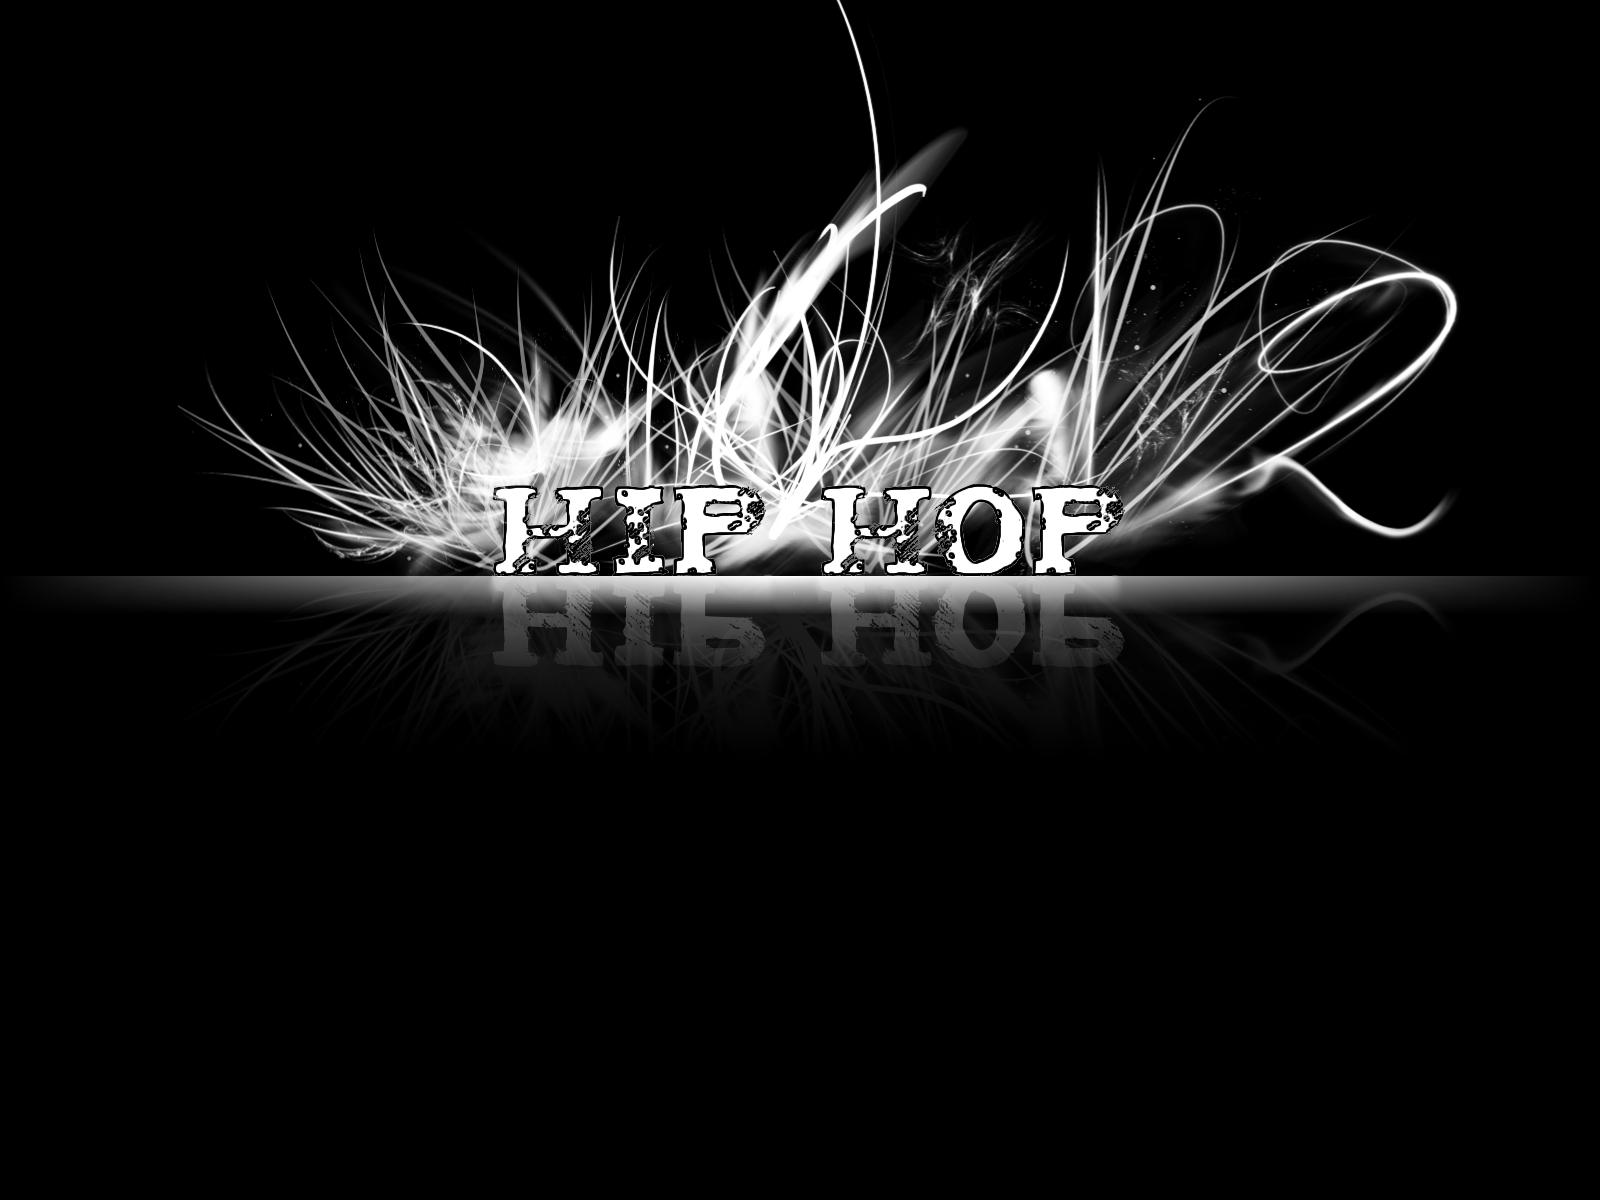 http://1.bp.blogspot.com/-pqK3UPjK4yY/TZl4EW3US5I/AAAAAAAAALo/kg-Lgg_29vg/s1600/img-wallpapers-hip-hop-clubadmin-12348.jpg